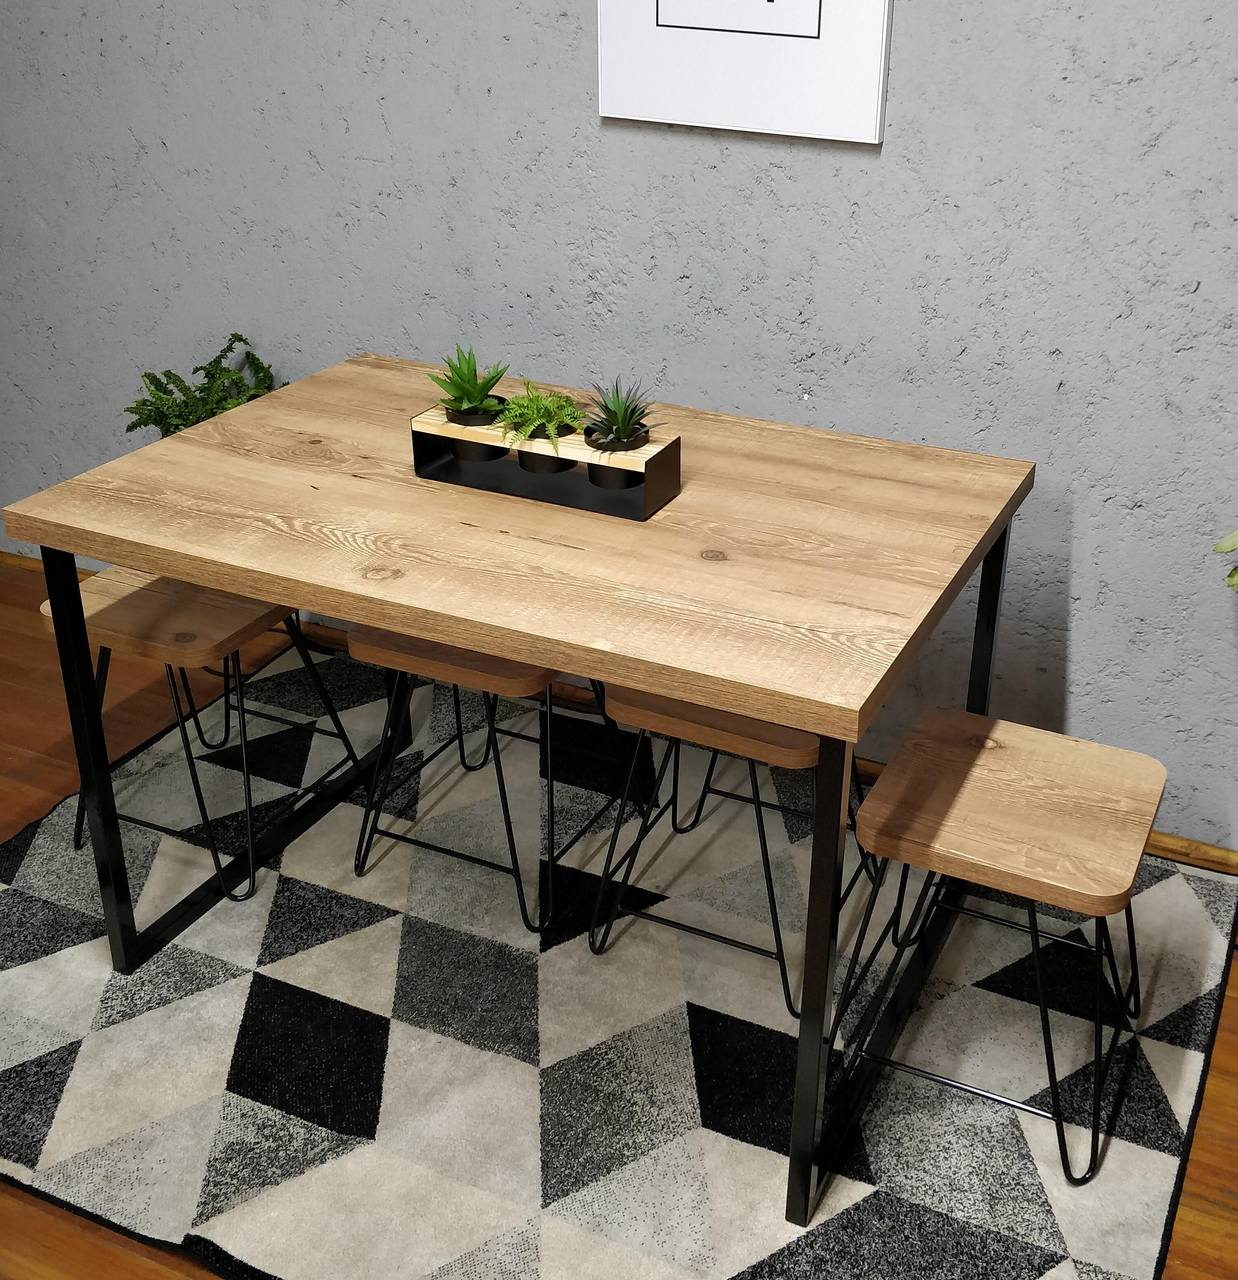 Mesa de Jantar com 2 Banquinhos Antiqua com Squared Legs e Tampo 100% MDF  - Mtne Store